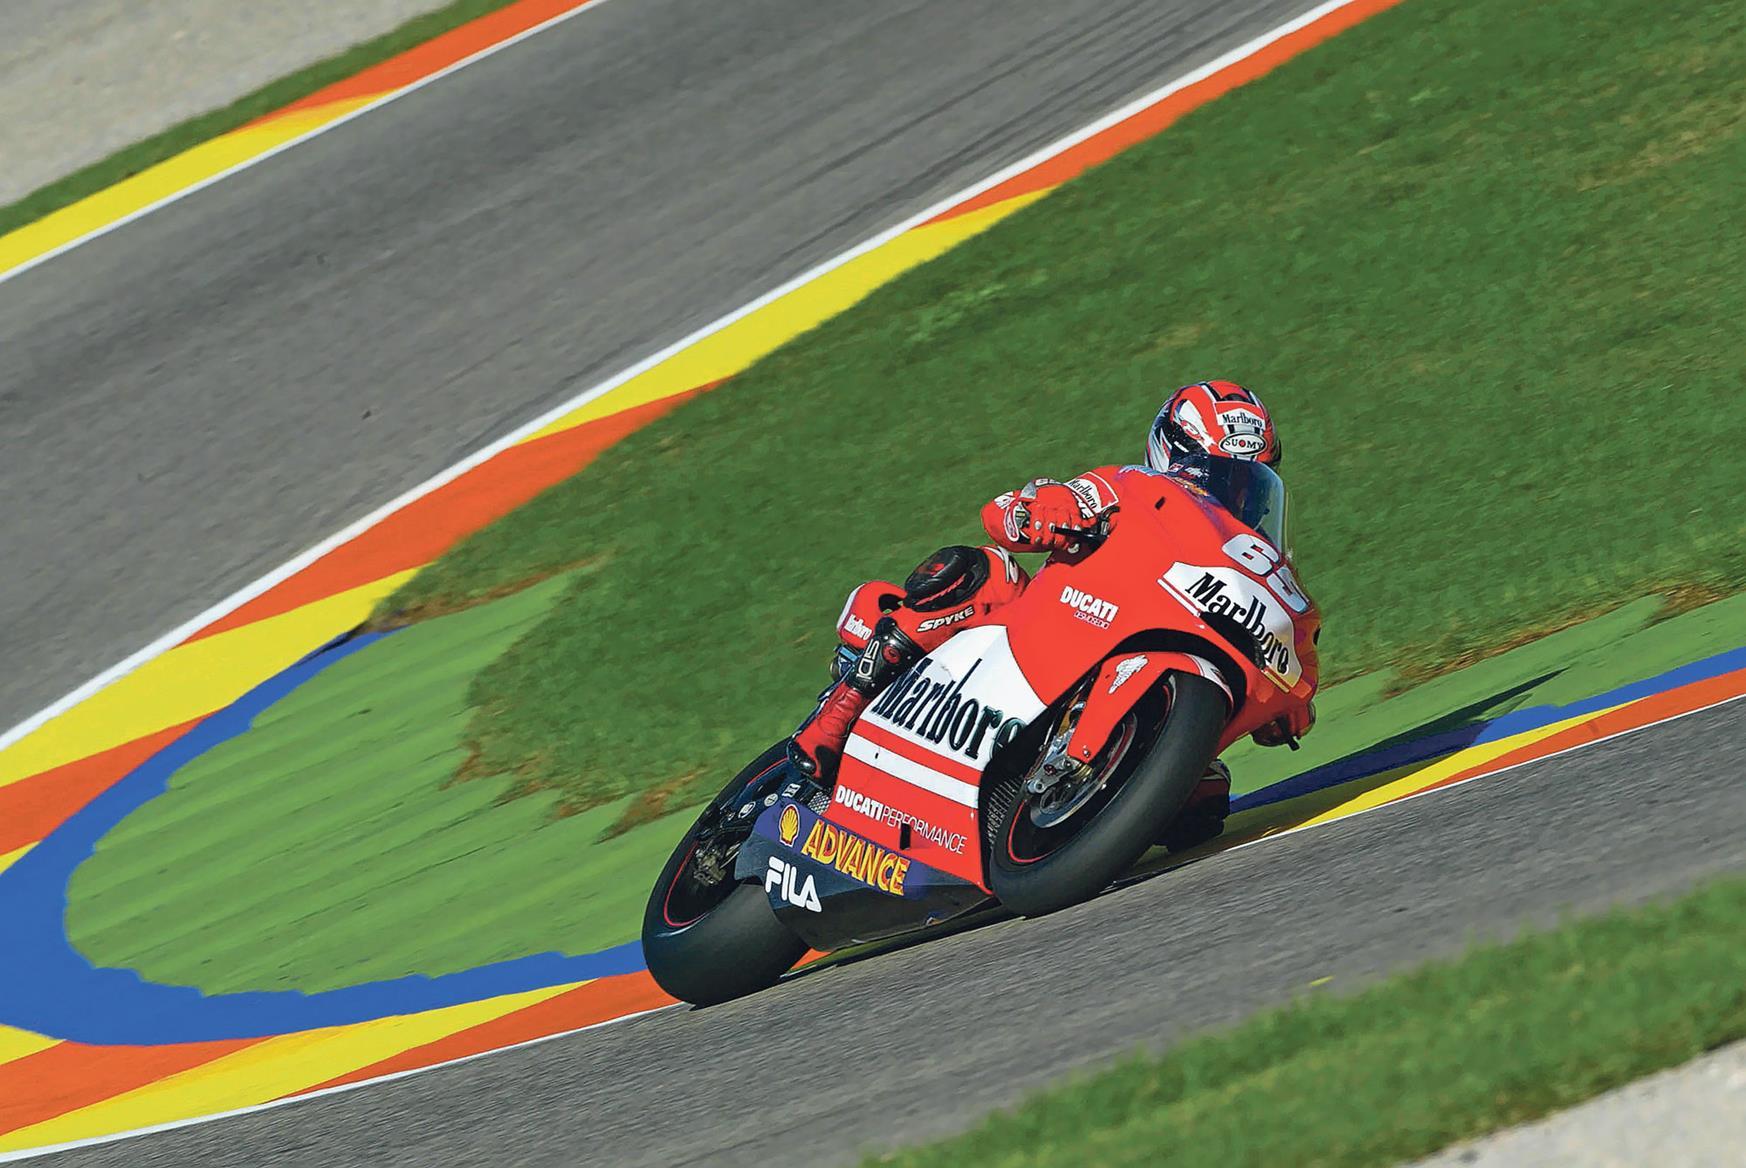 Loris Capirossi pilots Ducati's new MotoGP V4